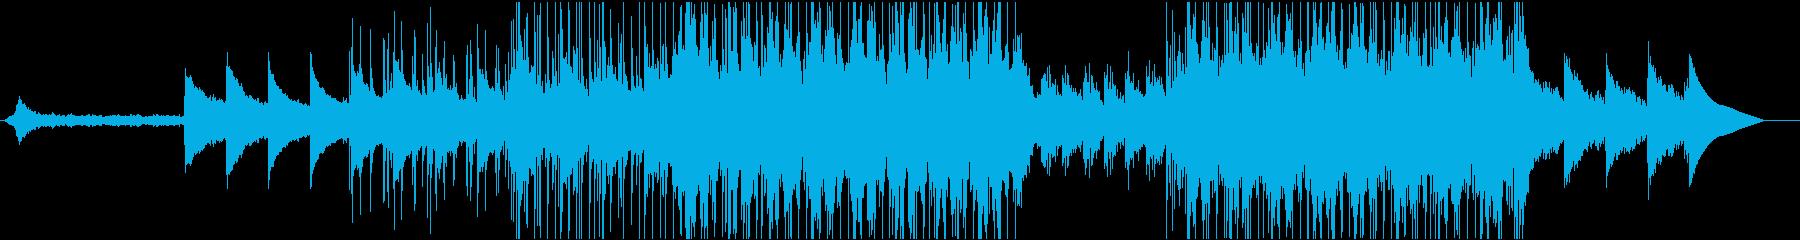 幻想的なピアノとストリングスのポップの再生済みの波形